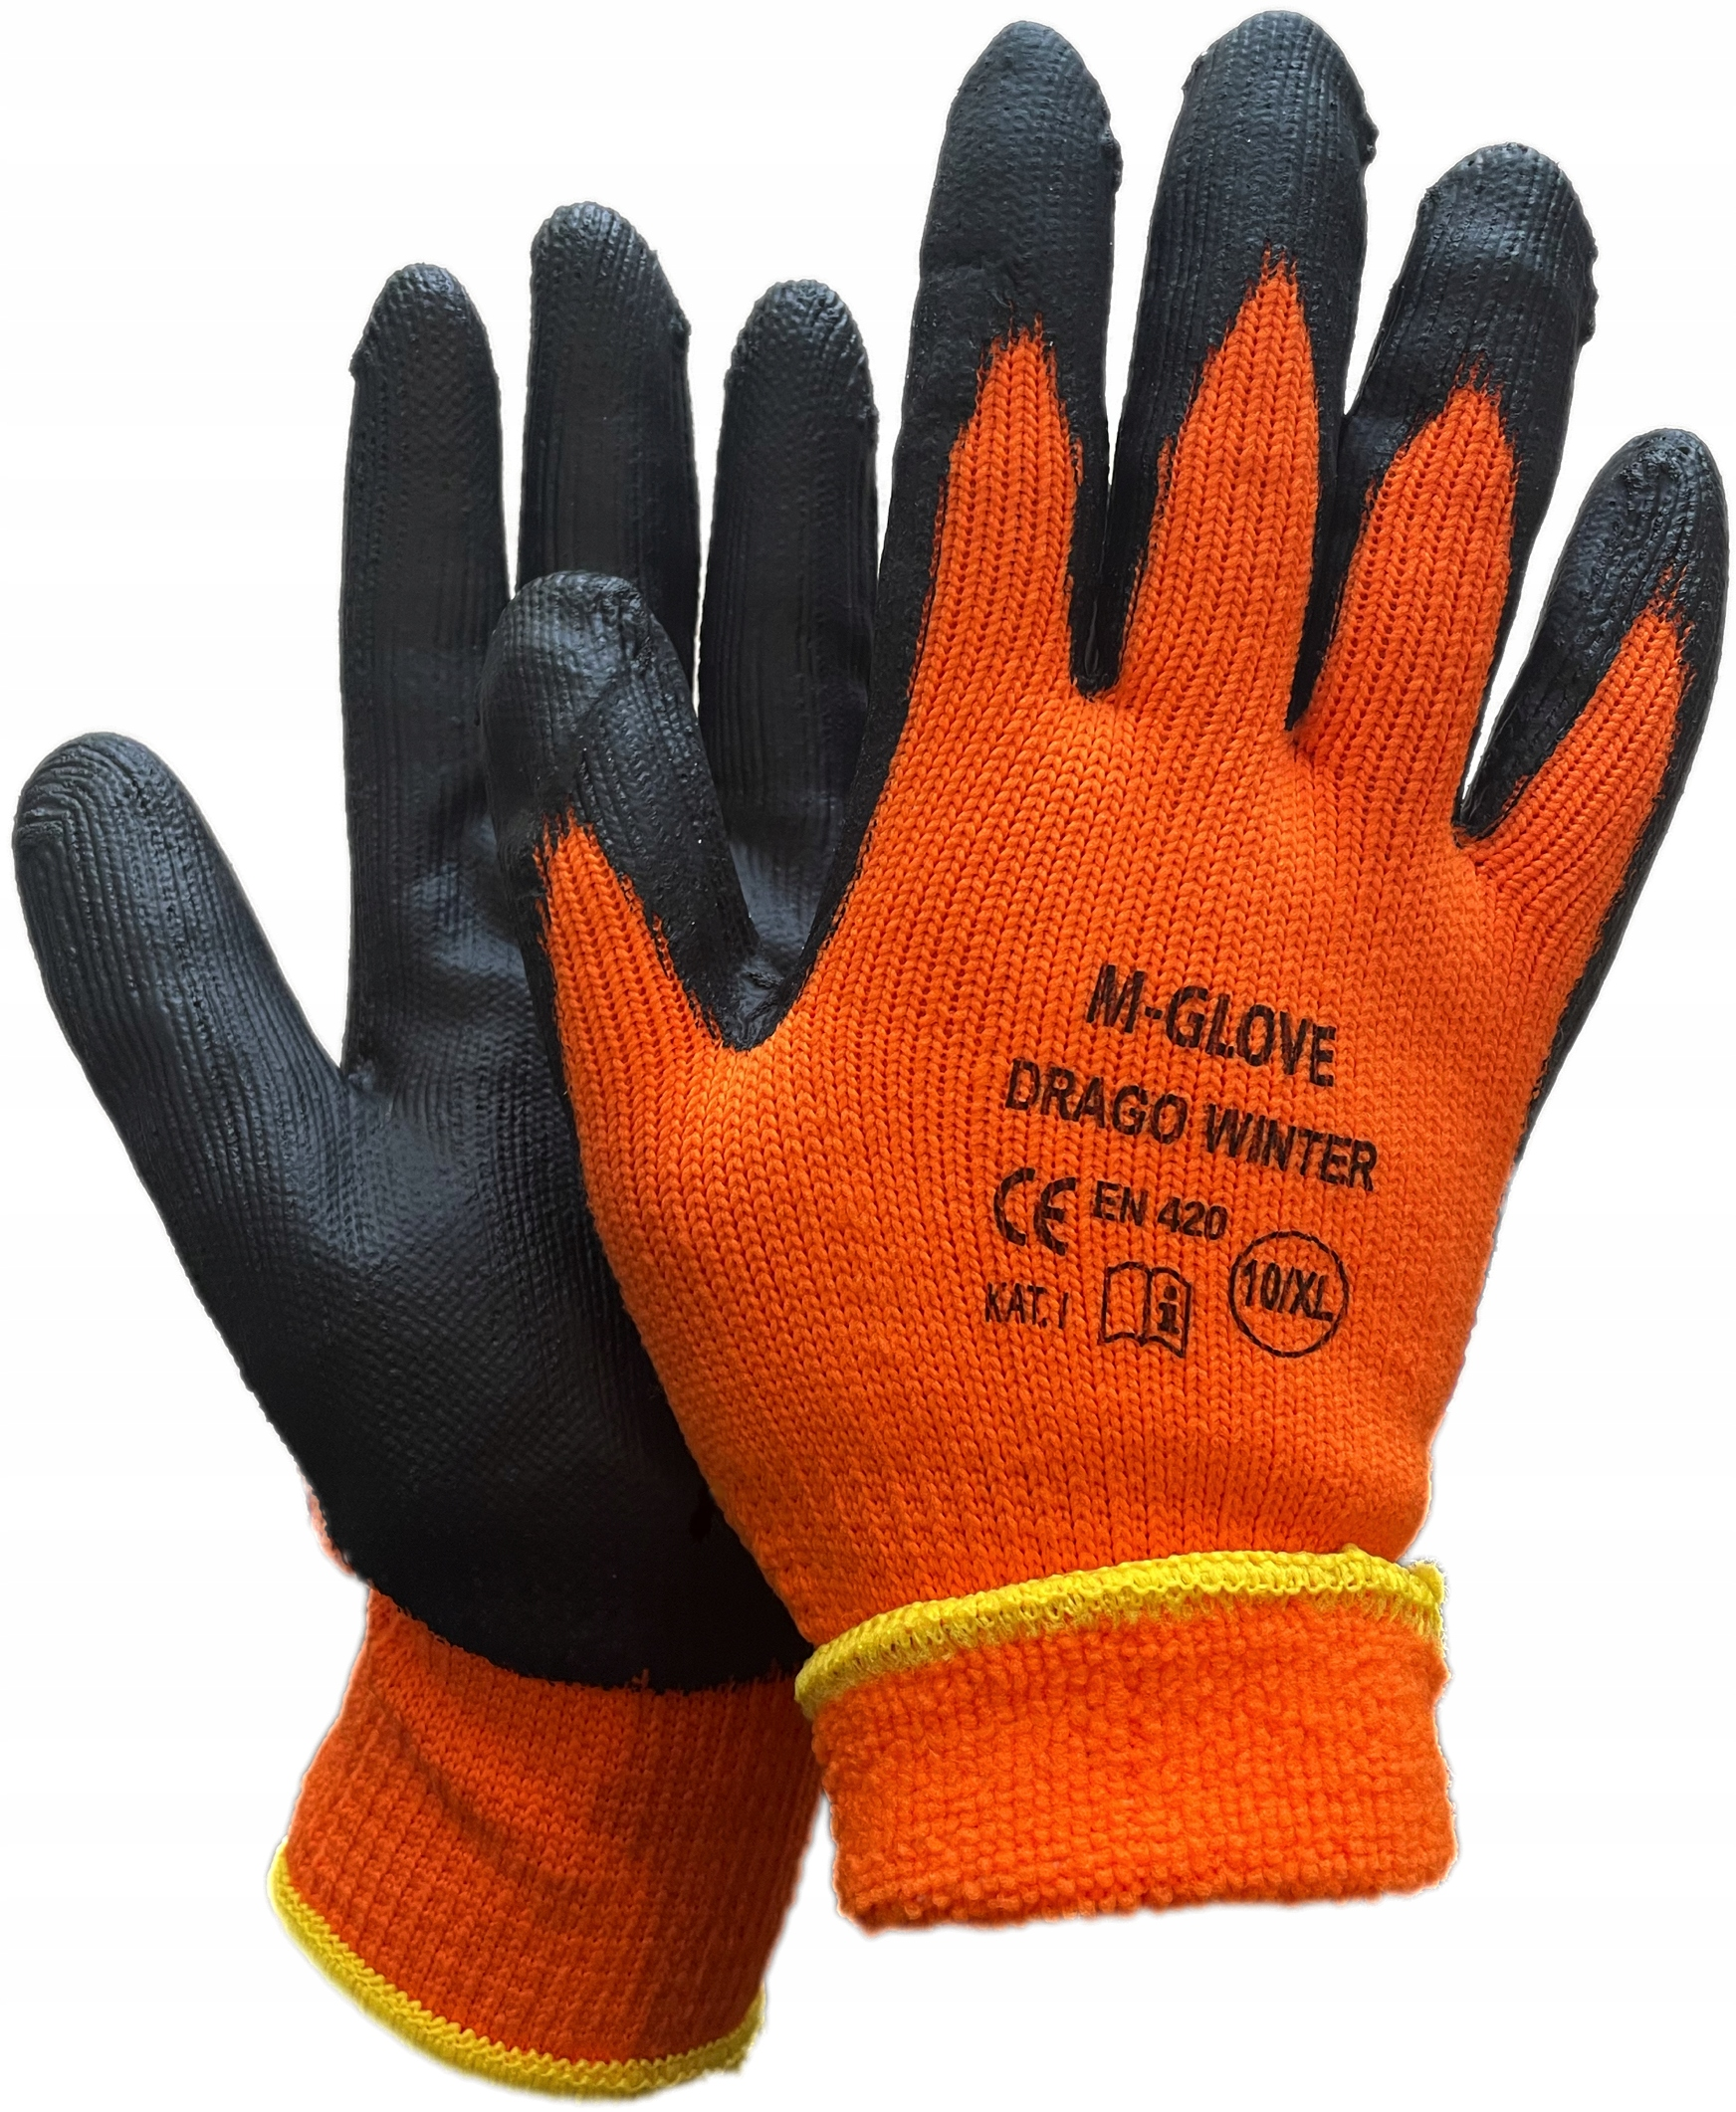 Рабочие перчатки WARMED WINTER DRAGO перчатки